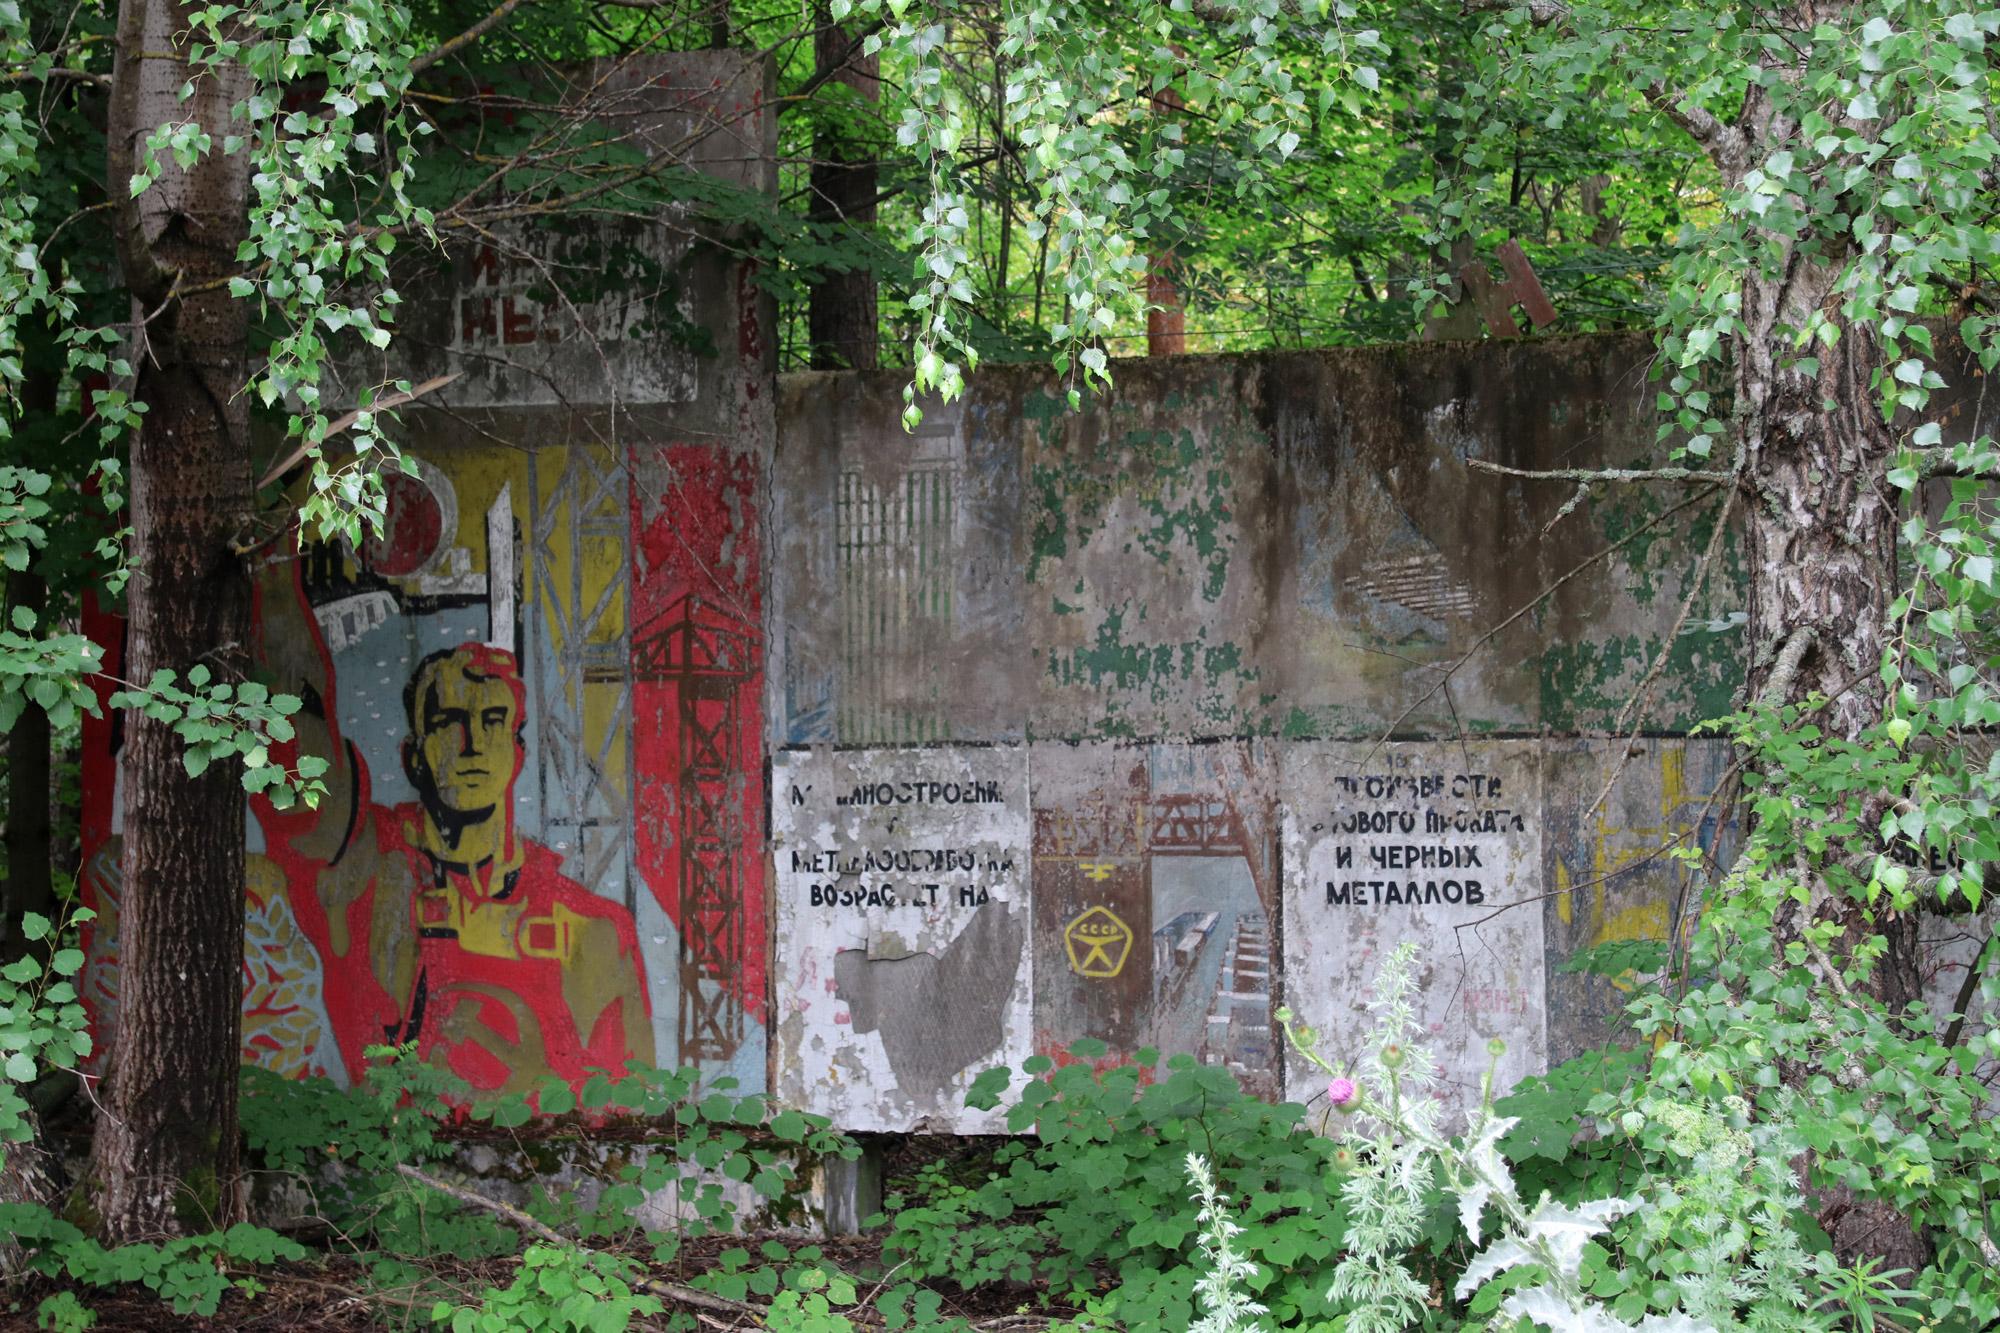 Tsjernobyl - Chernobyl 2 - Propaganda